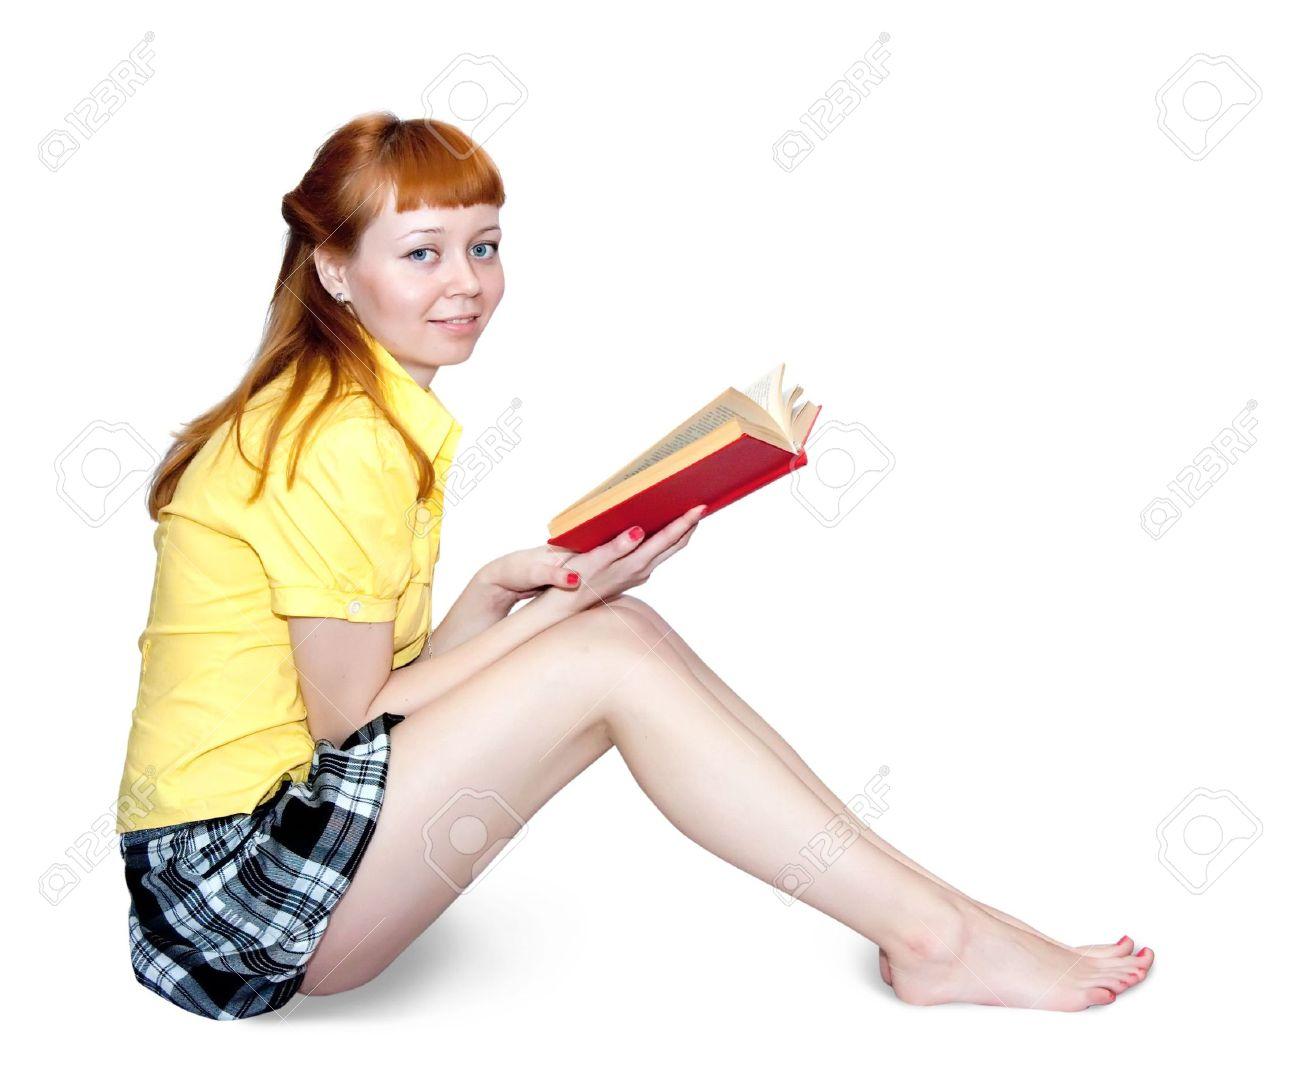 f166f7ca2a3f8f Reading Meisje In Kort Rokje. Geïsoleerd Op Wit Royalty-Vrije Foto ...